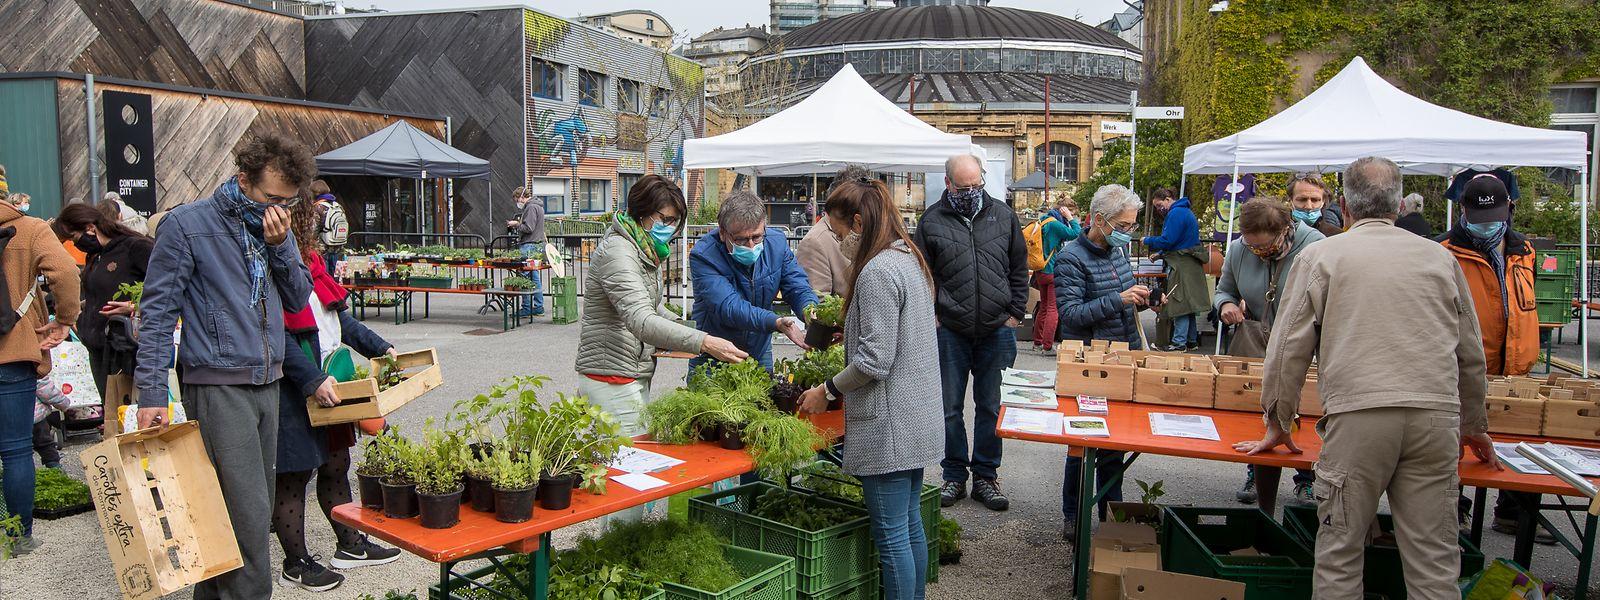 Die Pflanzenbörse brachte am Samstag lokale Produzenten und ihre Pflanzen zum Verbraucher und Hobbygärtner.